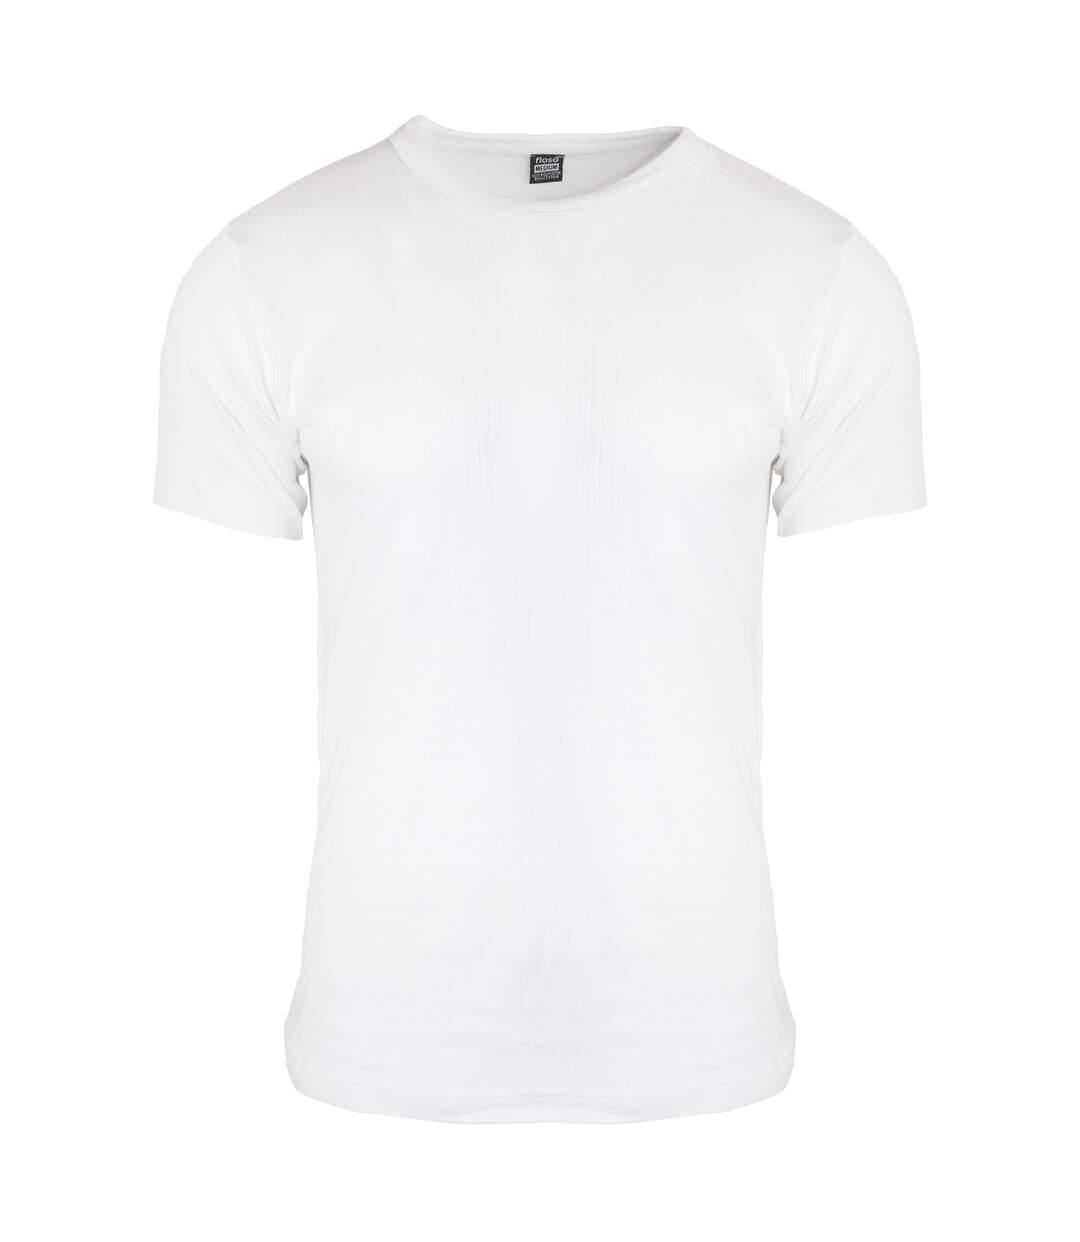 FLOSO - T-shirt thermique à manches courtes (en viscose) - Homme (Blanc) - UTTHERM108